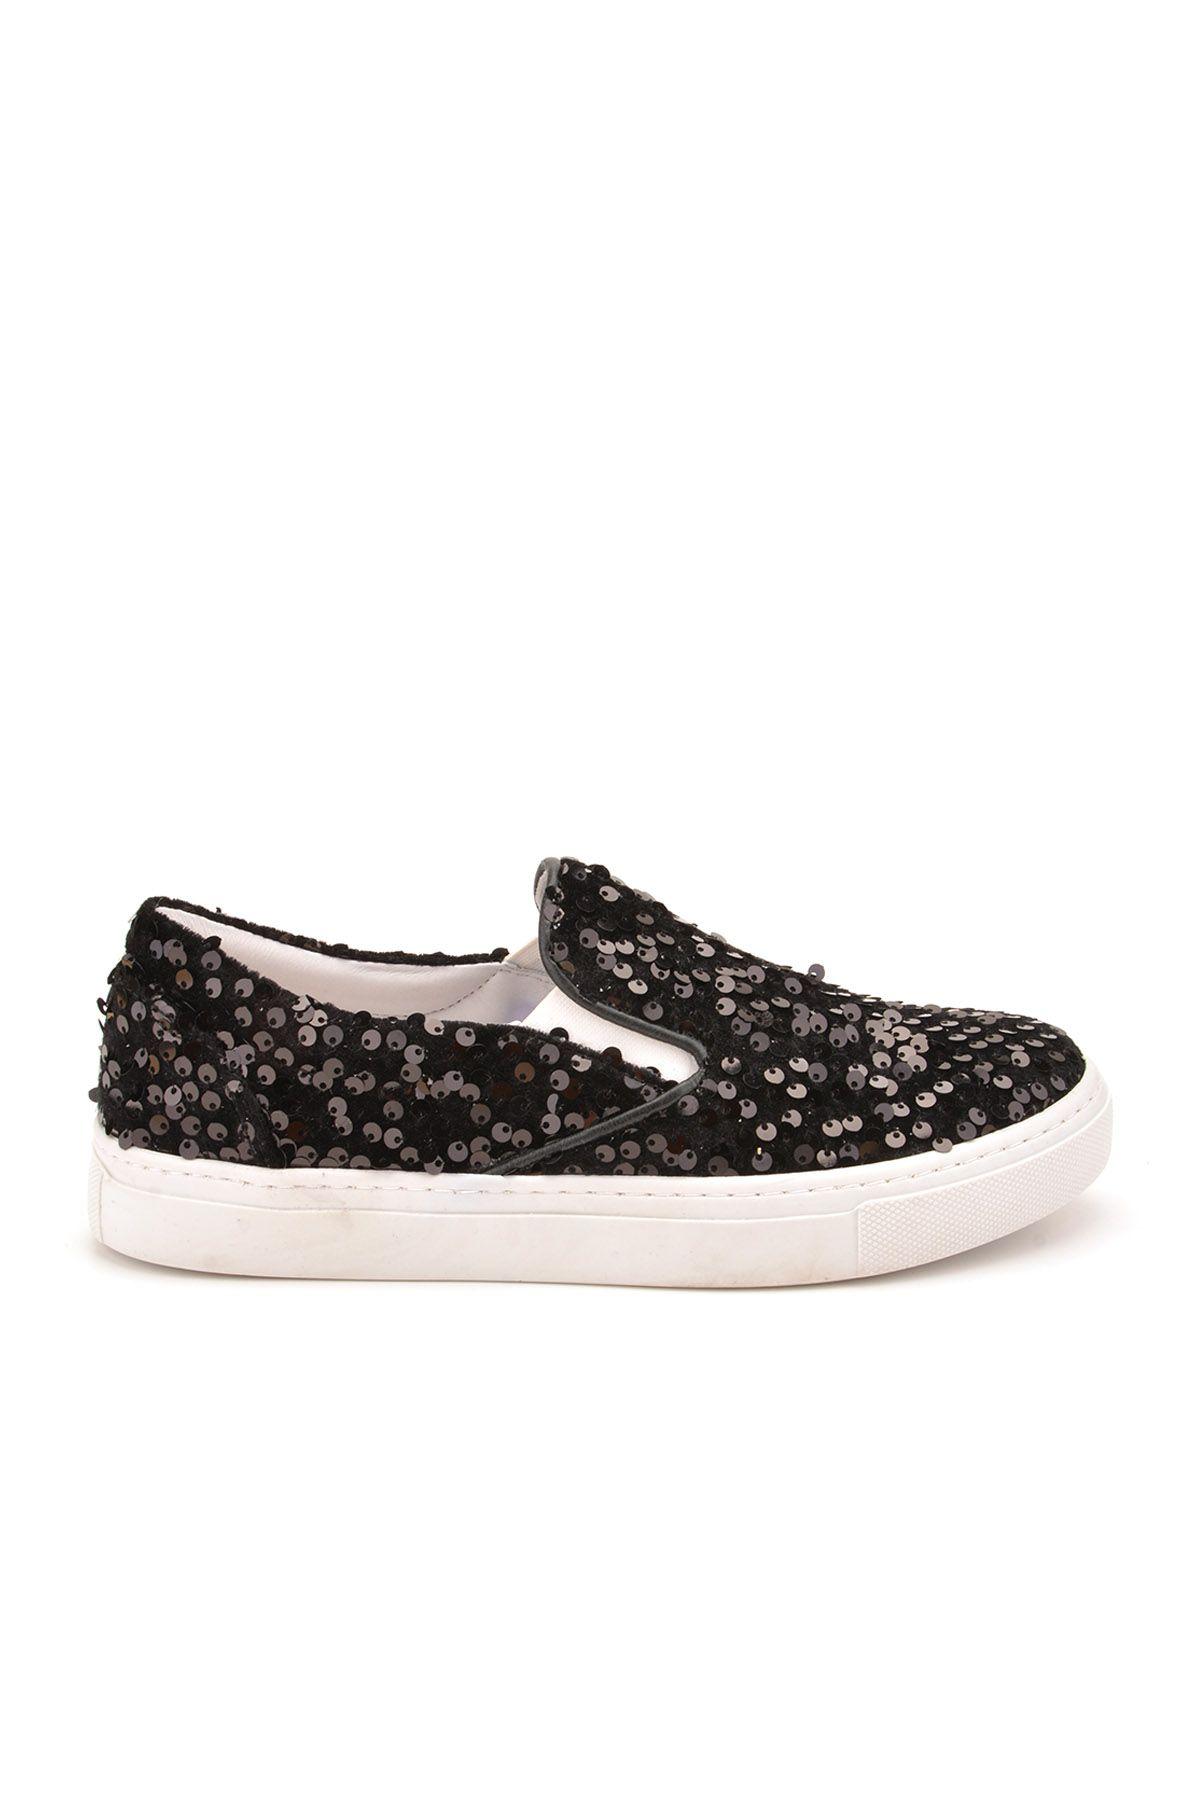 Pegia Sucre Hakiki Deri Payetli Bayan Sneaker REC-012 Siyah